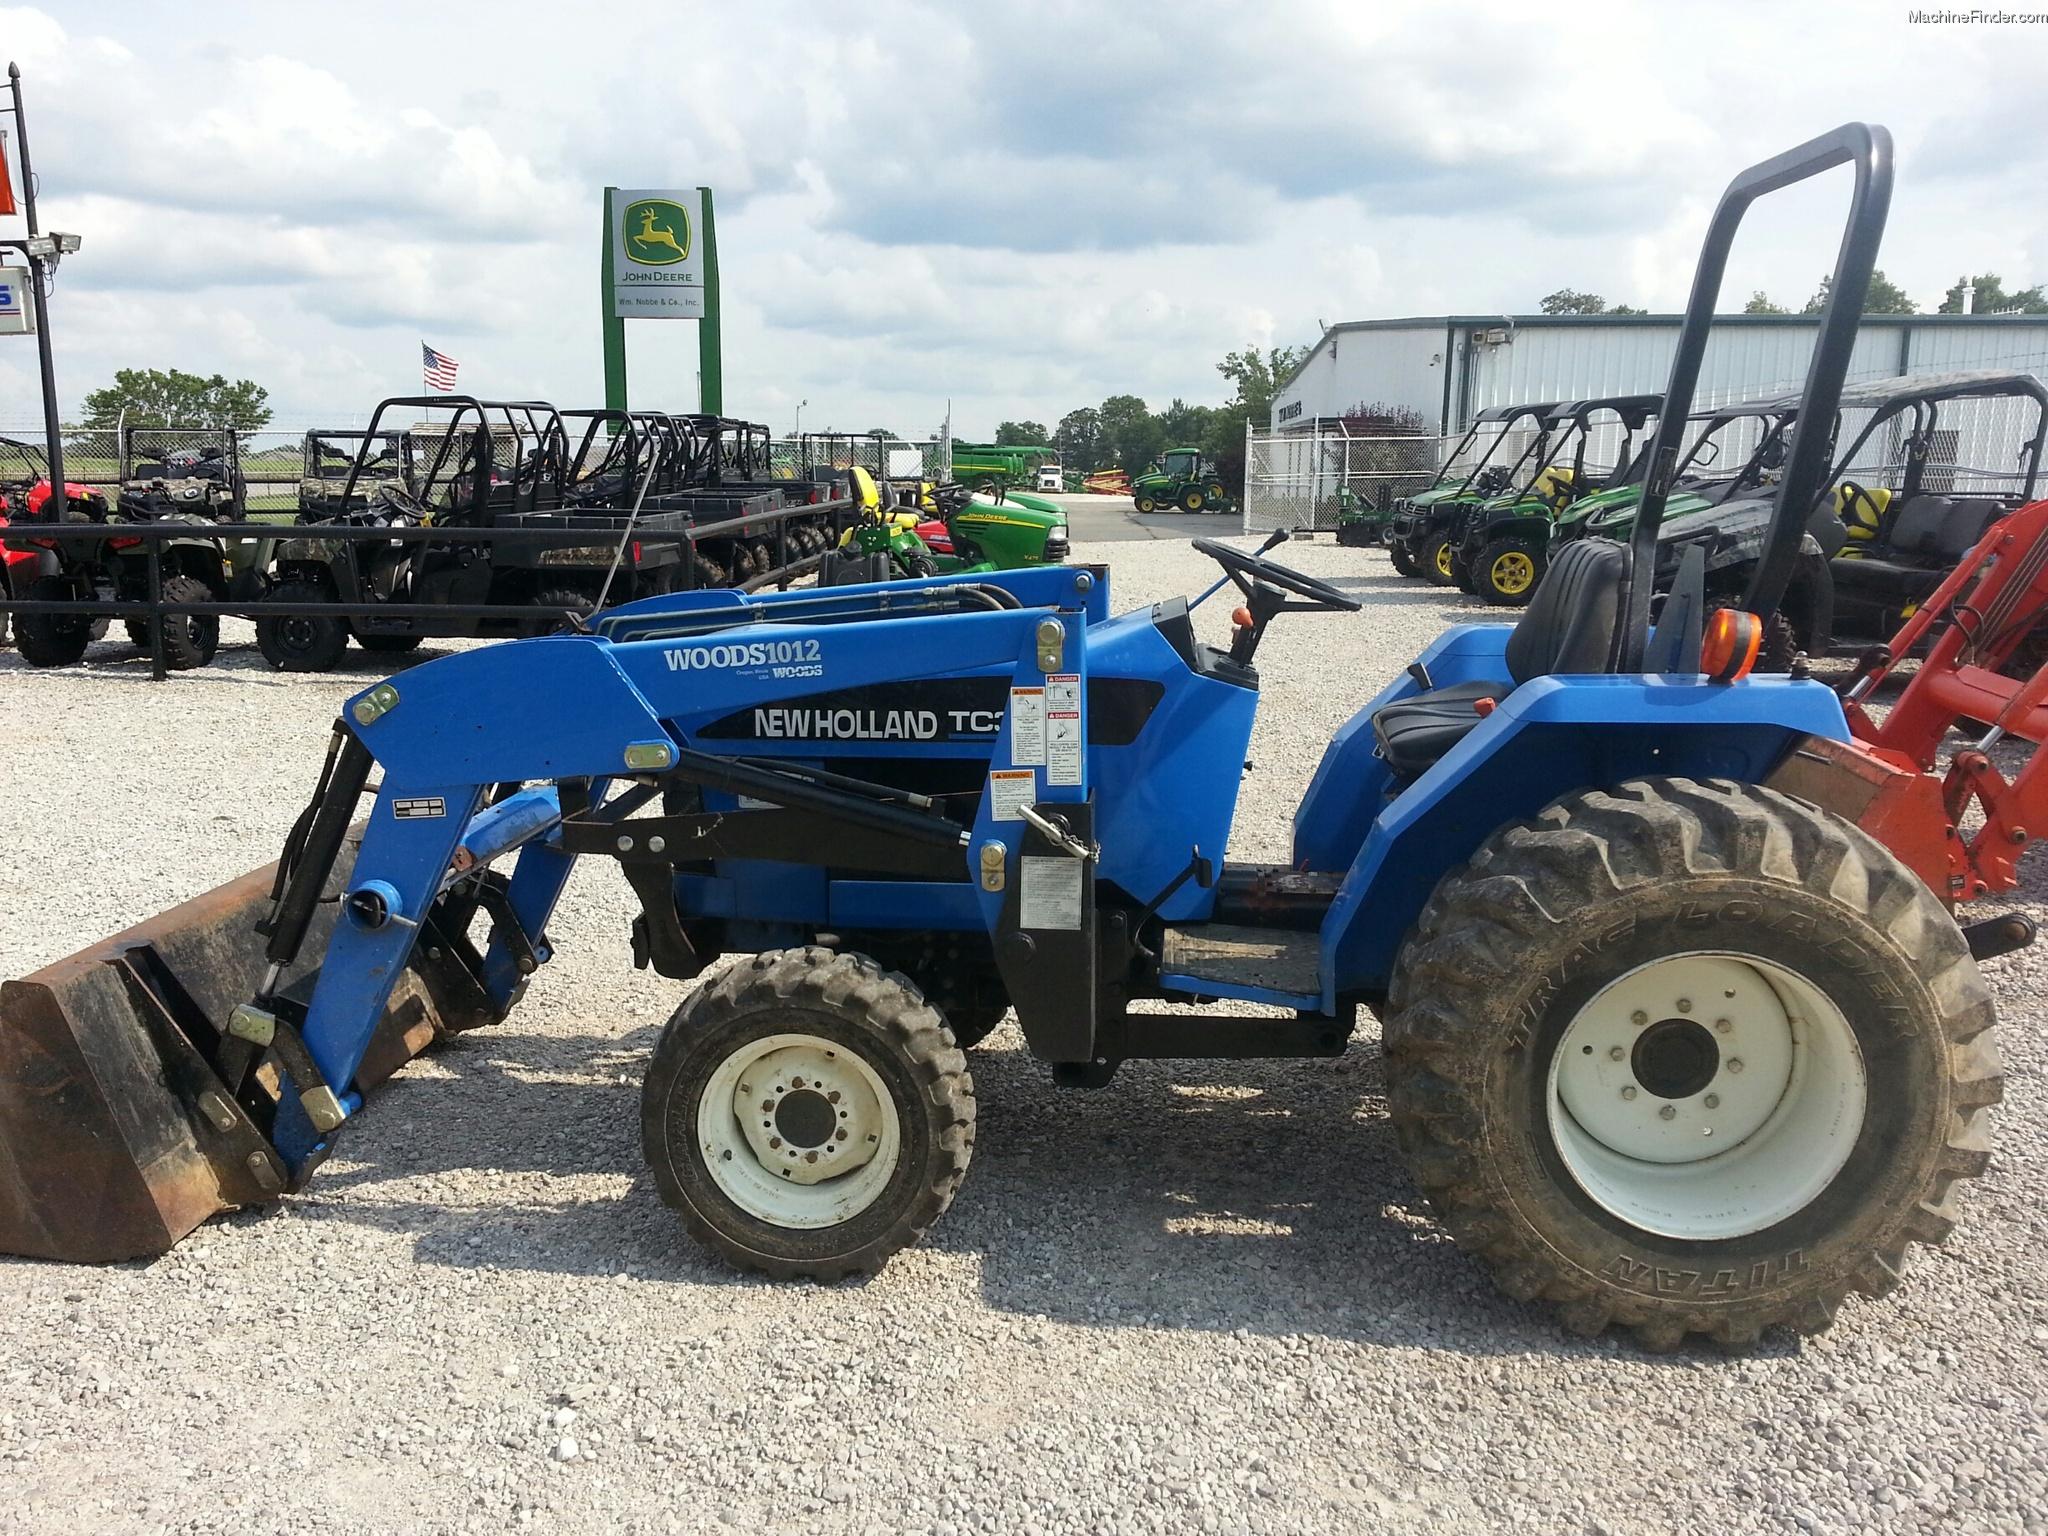 New Holland Compact Tractors Parts : New holland tc tractors compact hp john